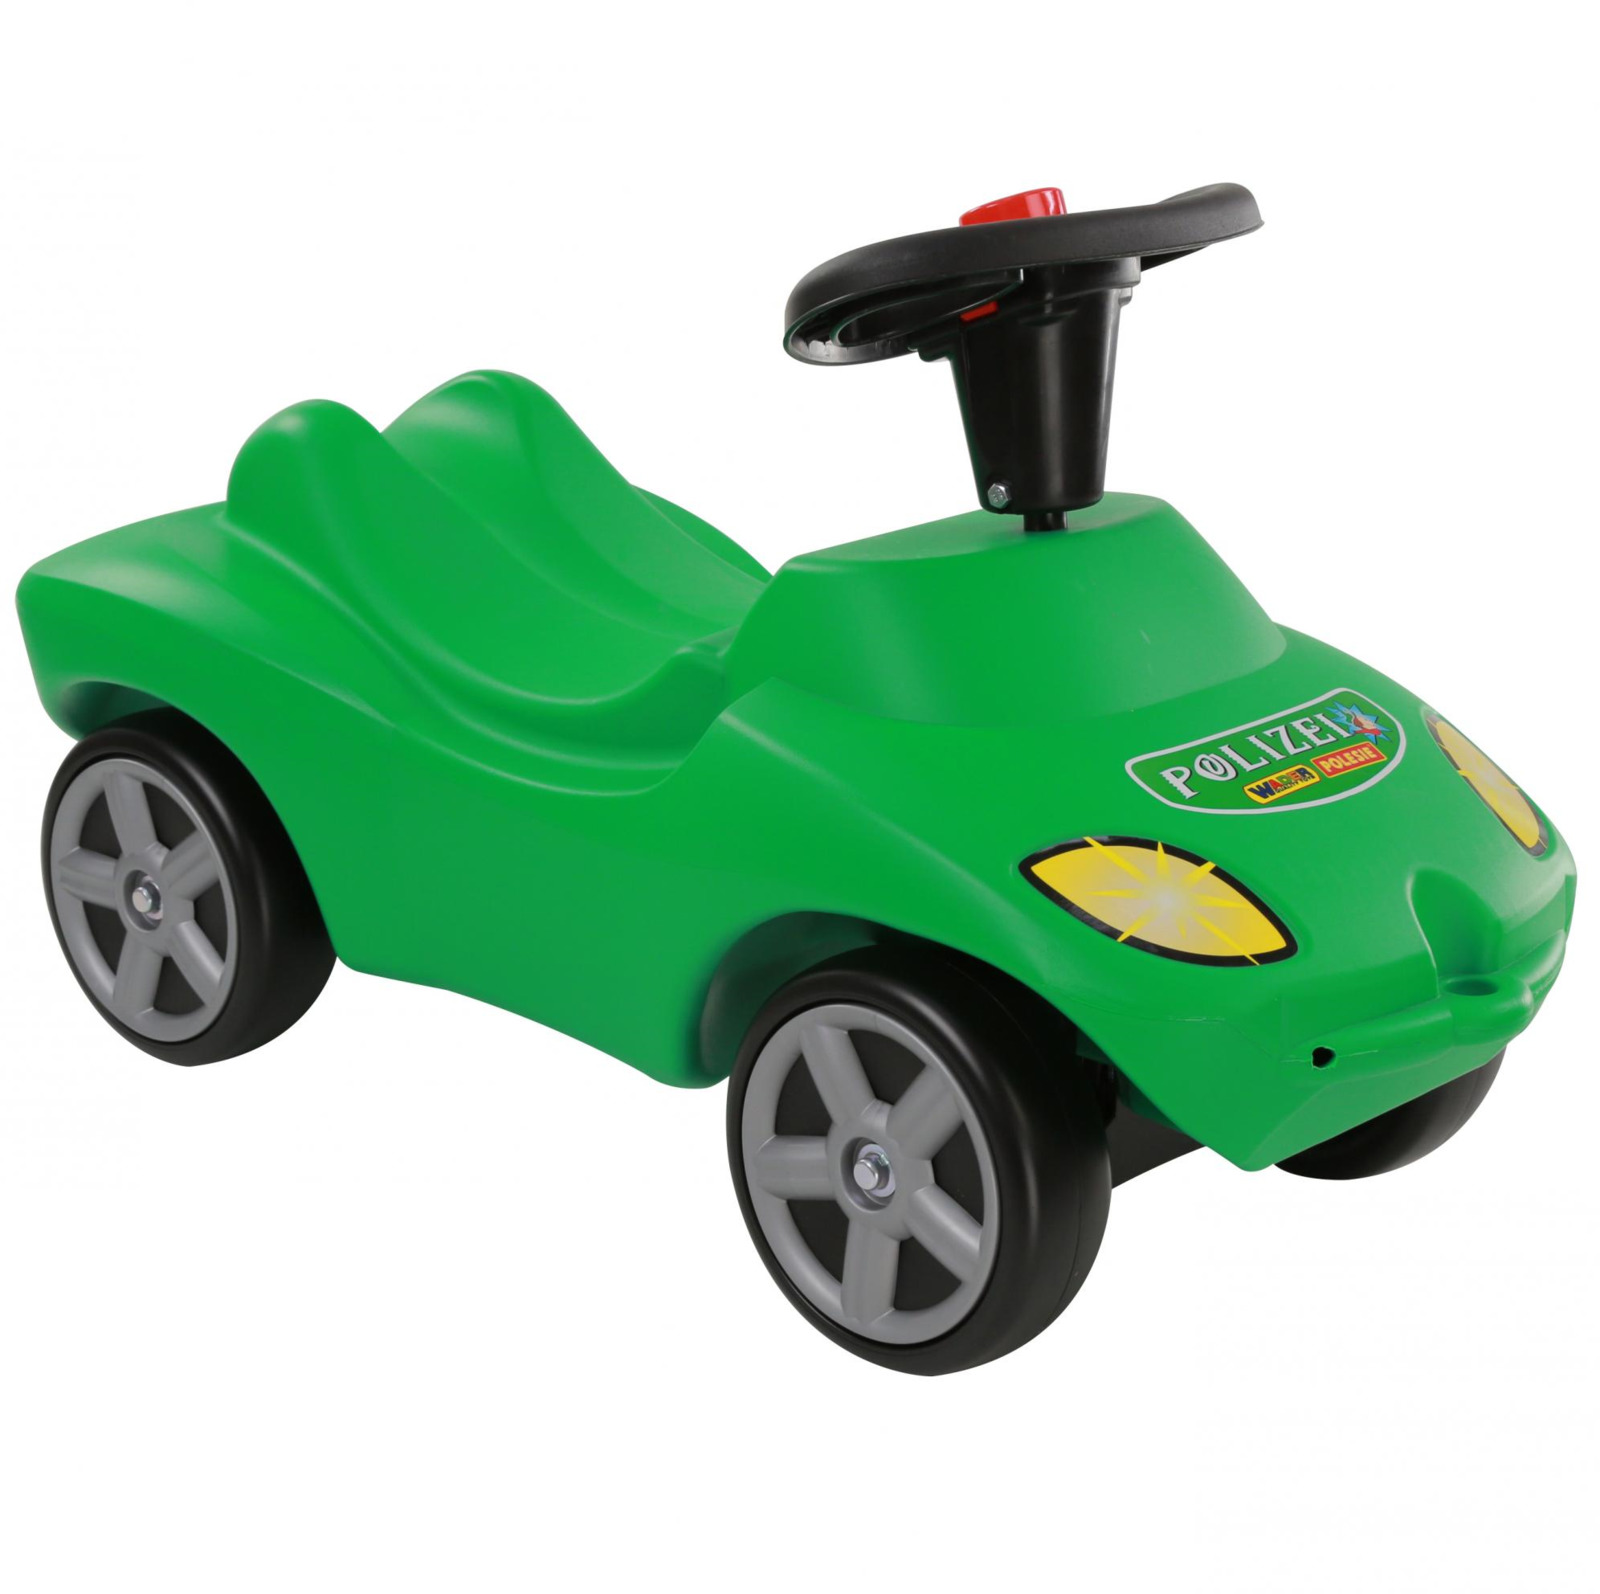 Автомобиль-каталка Полесье Полиция, со звуковым сигналом, цвет в ассортименте автомобиль пластмастер малютка зефирки цвет в ассортименте 31172